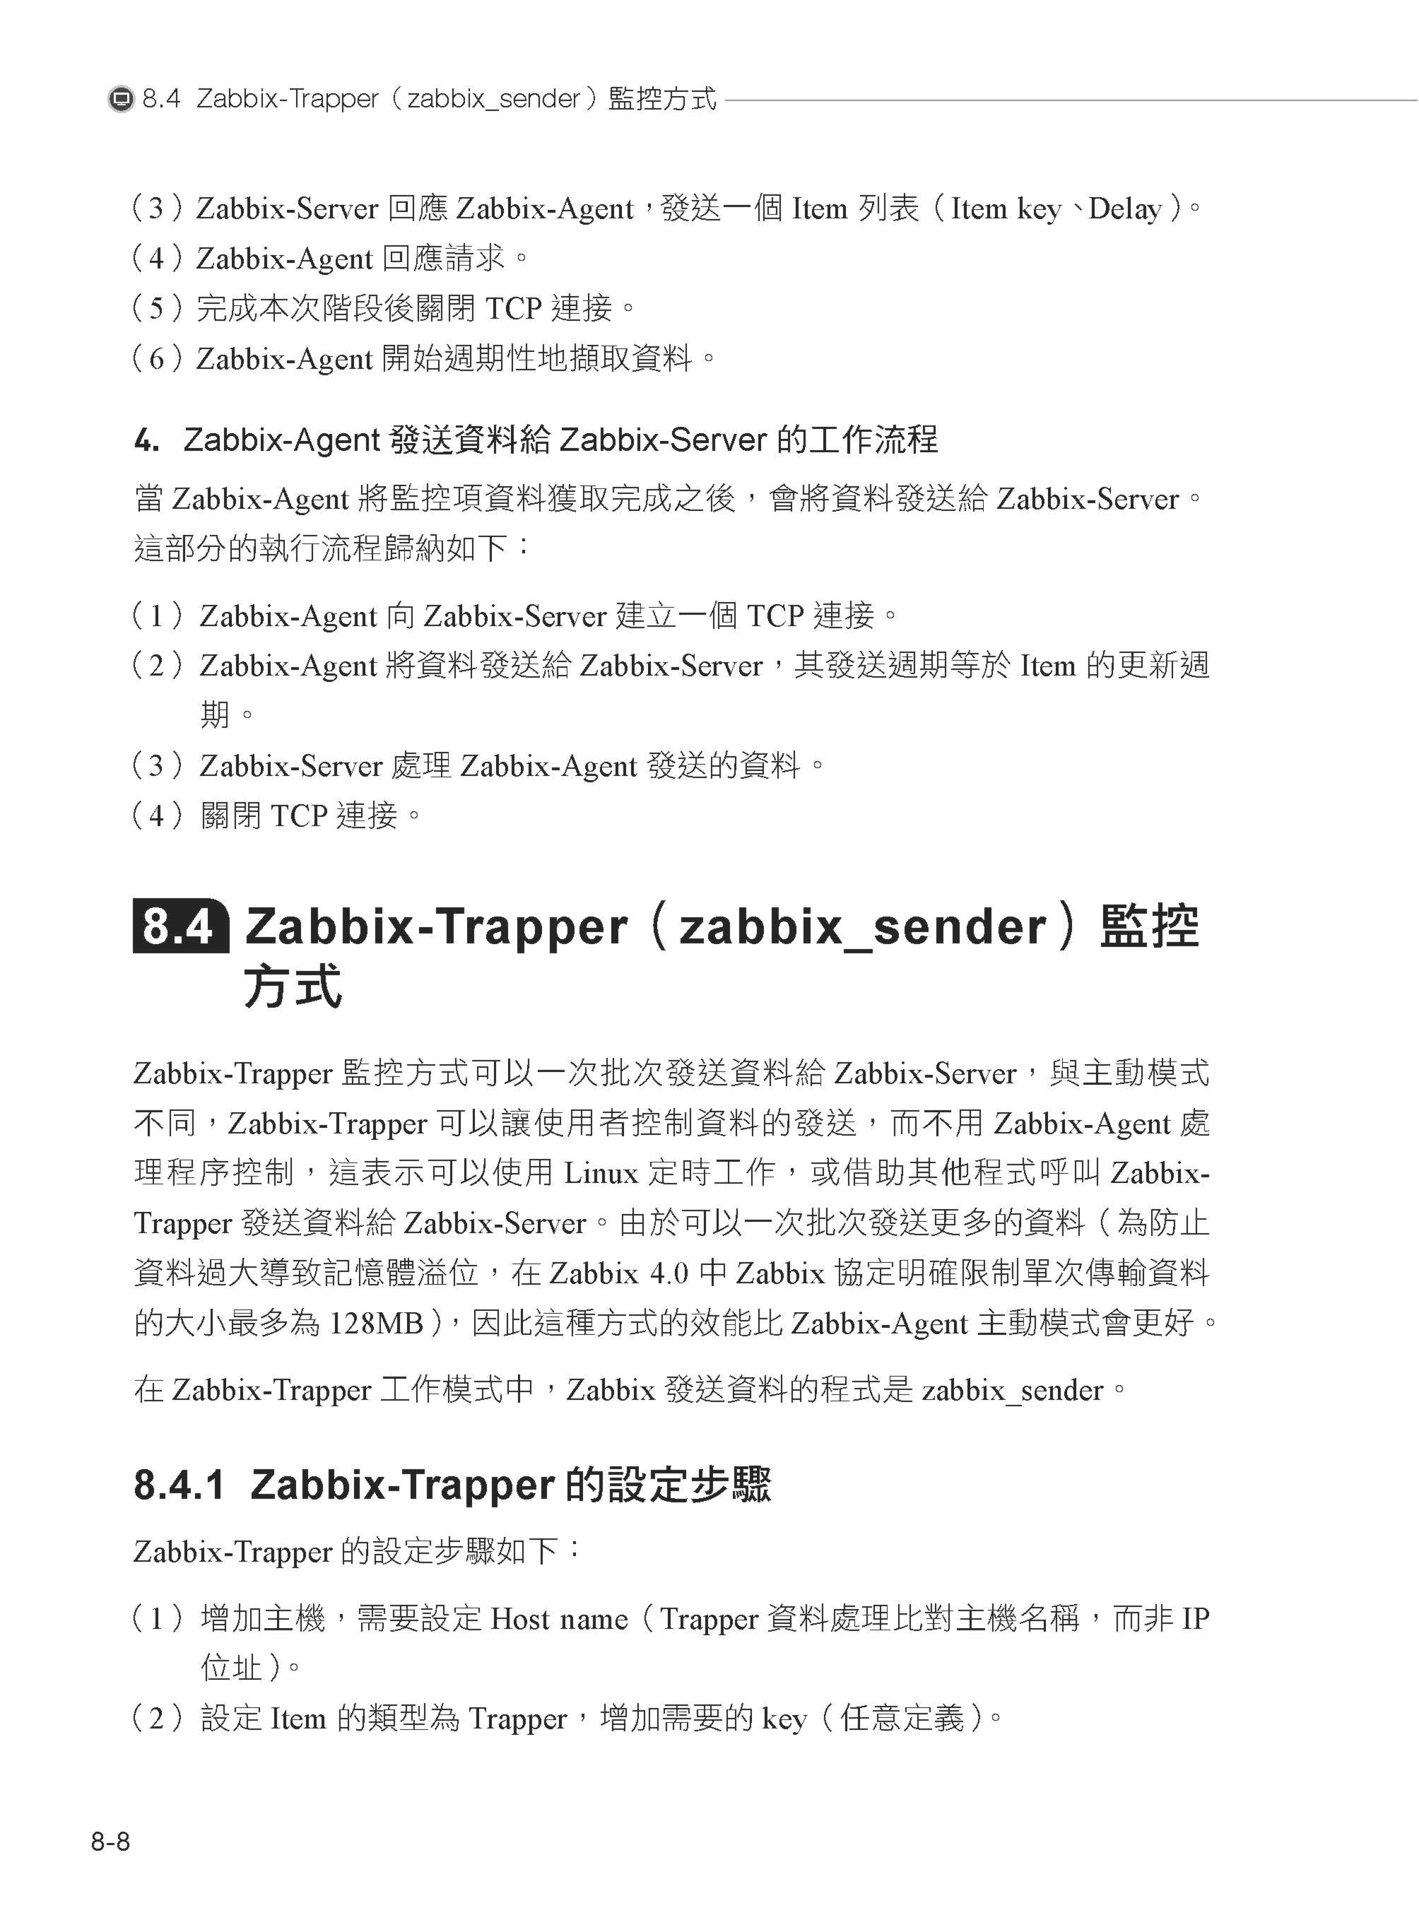 下世代超前佈署:用 Zabbix 全面監管巨量伺服器-preview-11